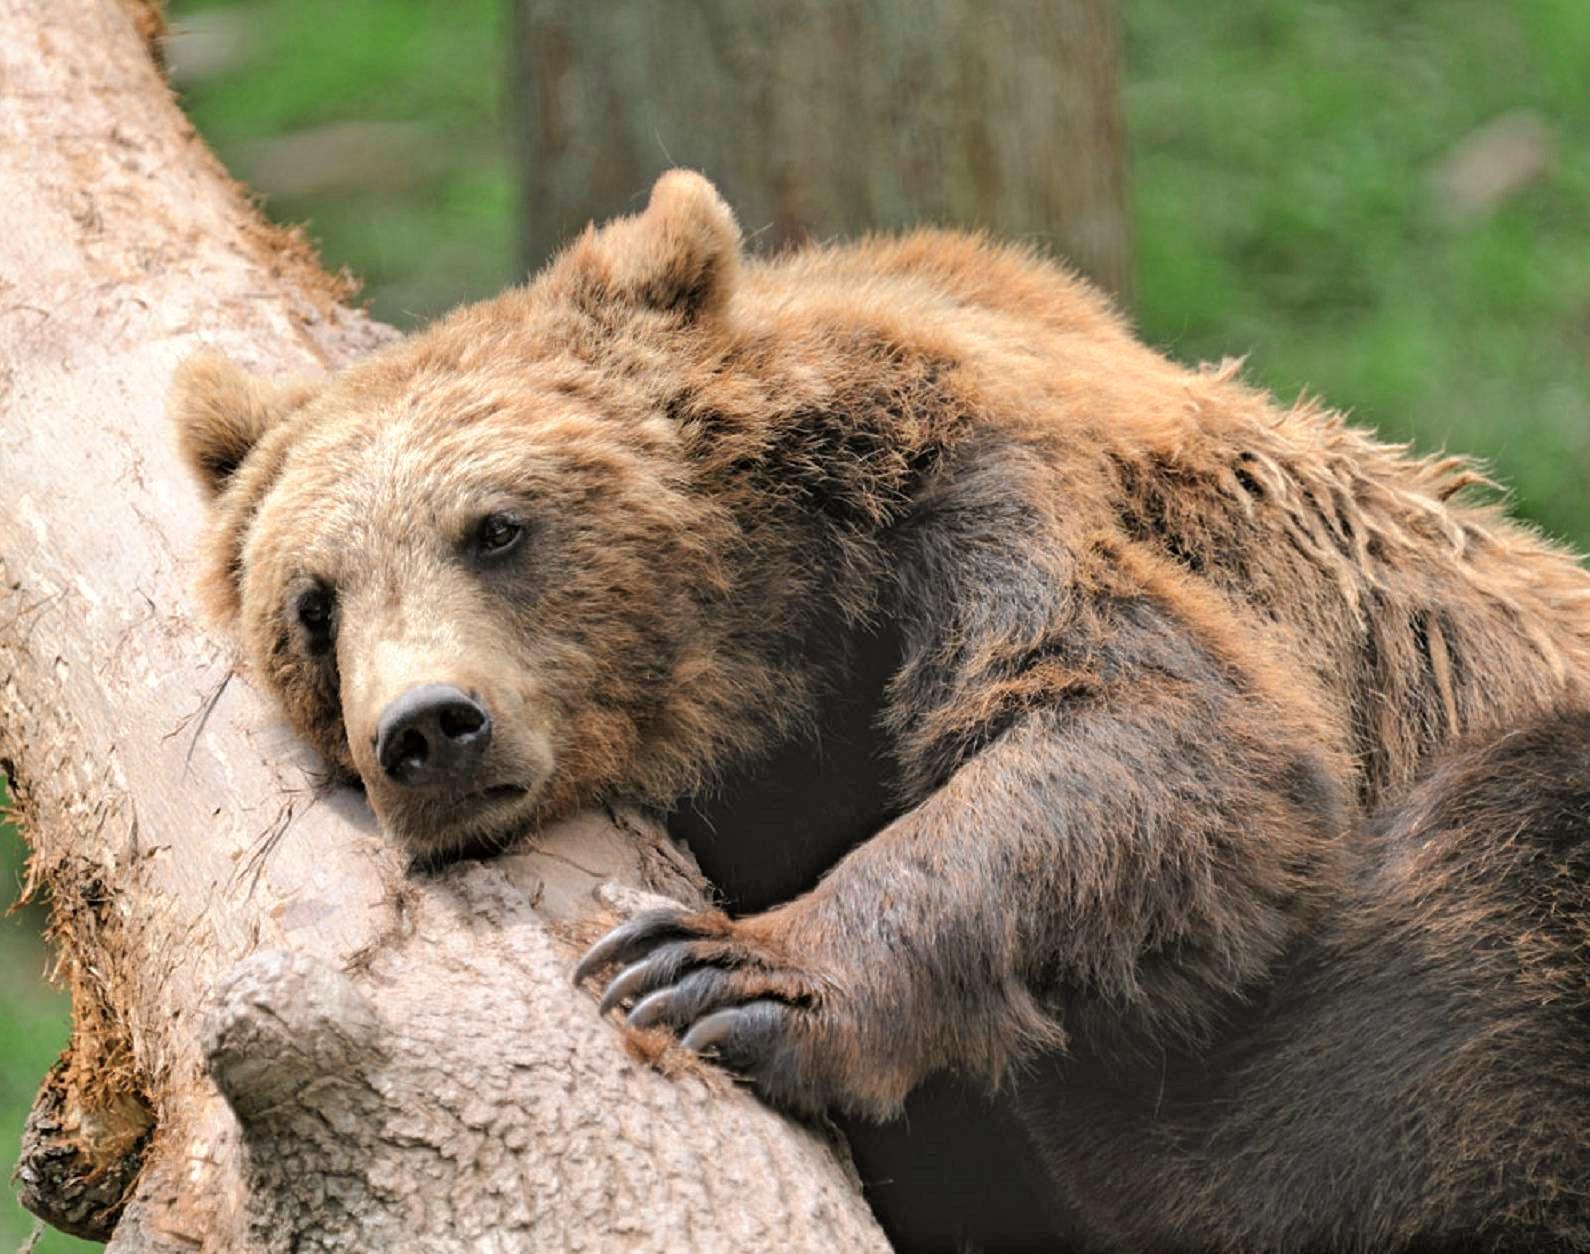 Braunbären aus nächster Nähe beobachten – auch diese Möglichkeit bietet das Wildparadies Tripsdrill. Hier kommen Tierfreunde aller Generationen auf ihre Kosten.